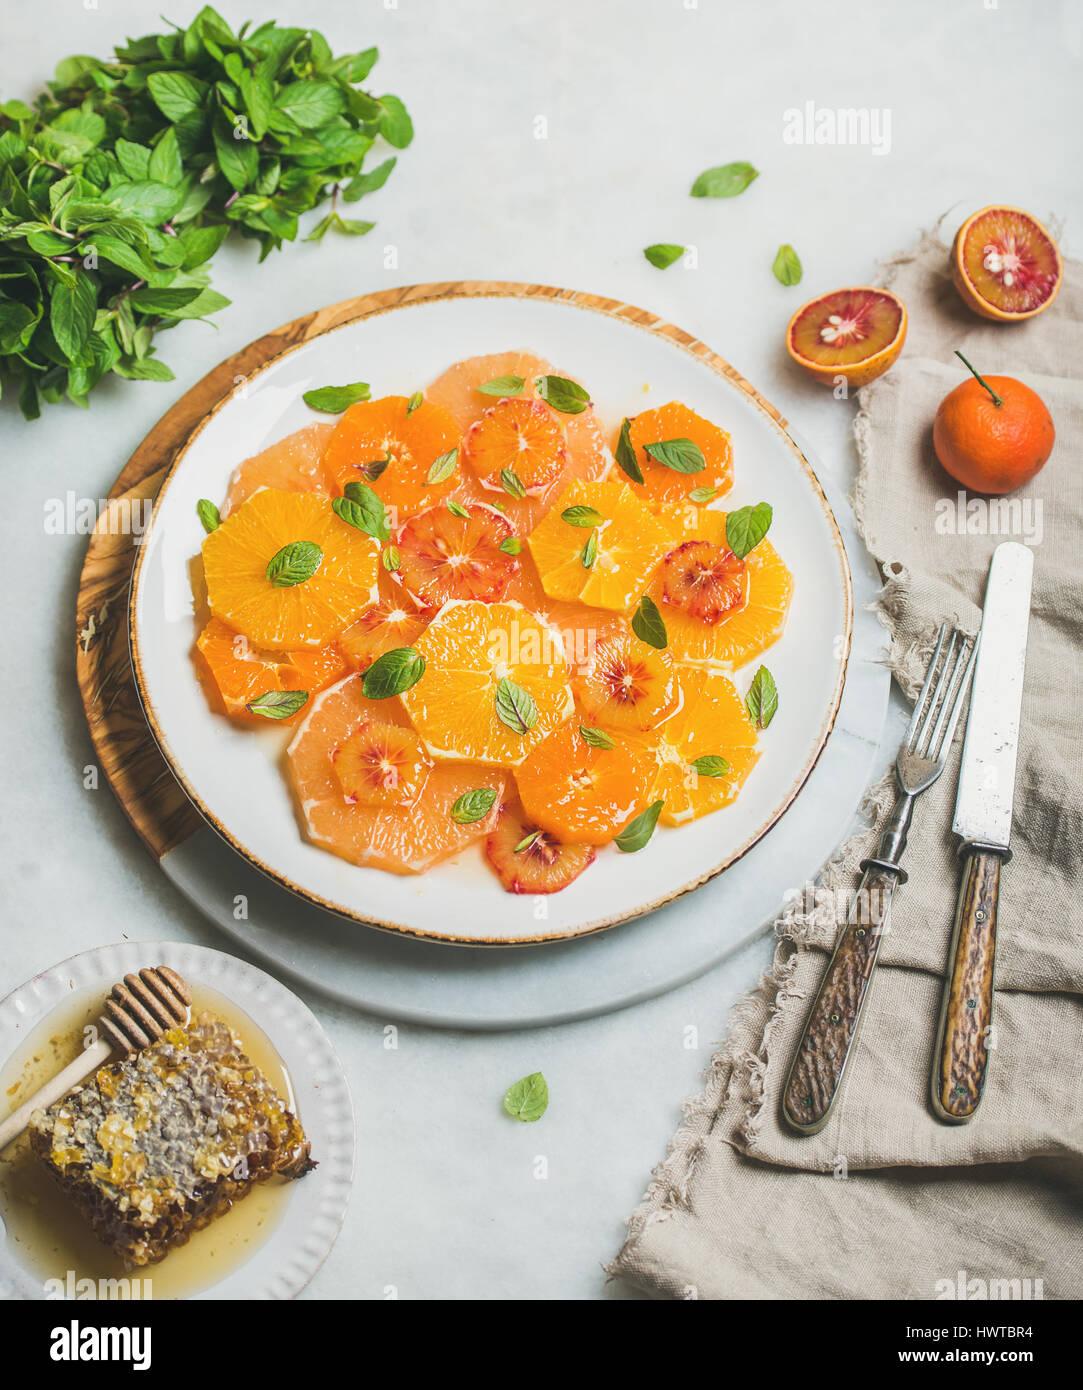 Fresche di agrumi misti insalata di frutta con foglie di menta e miele Immagini Stock